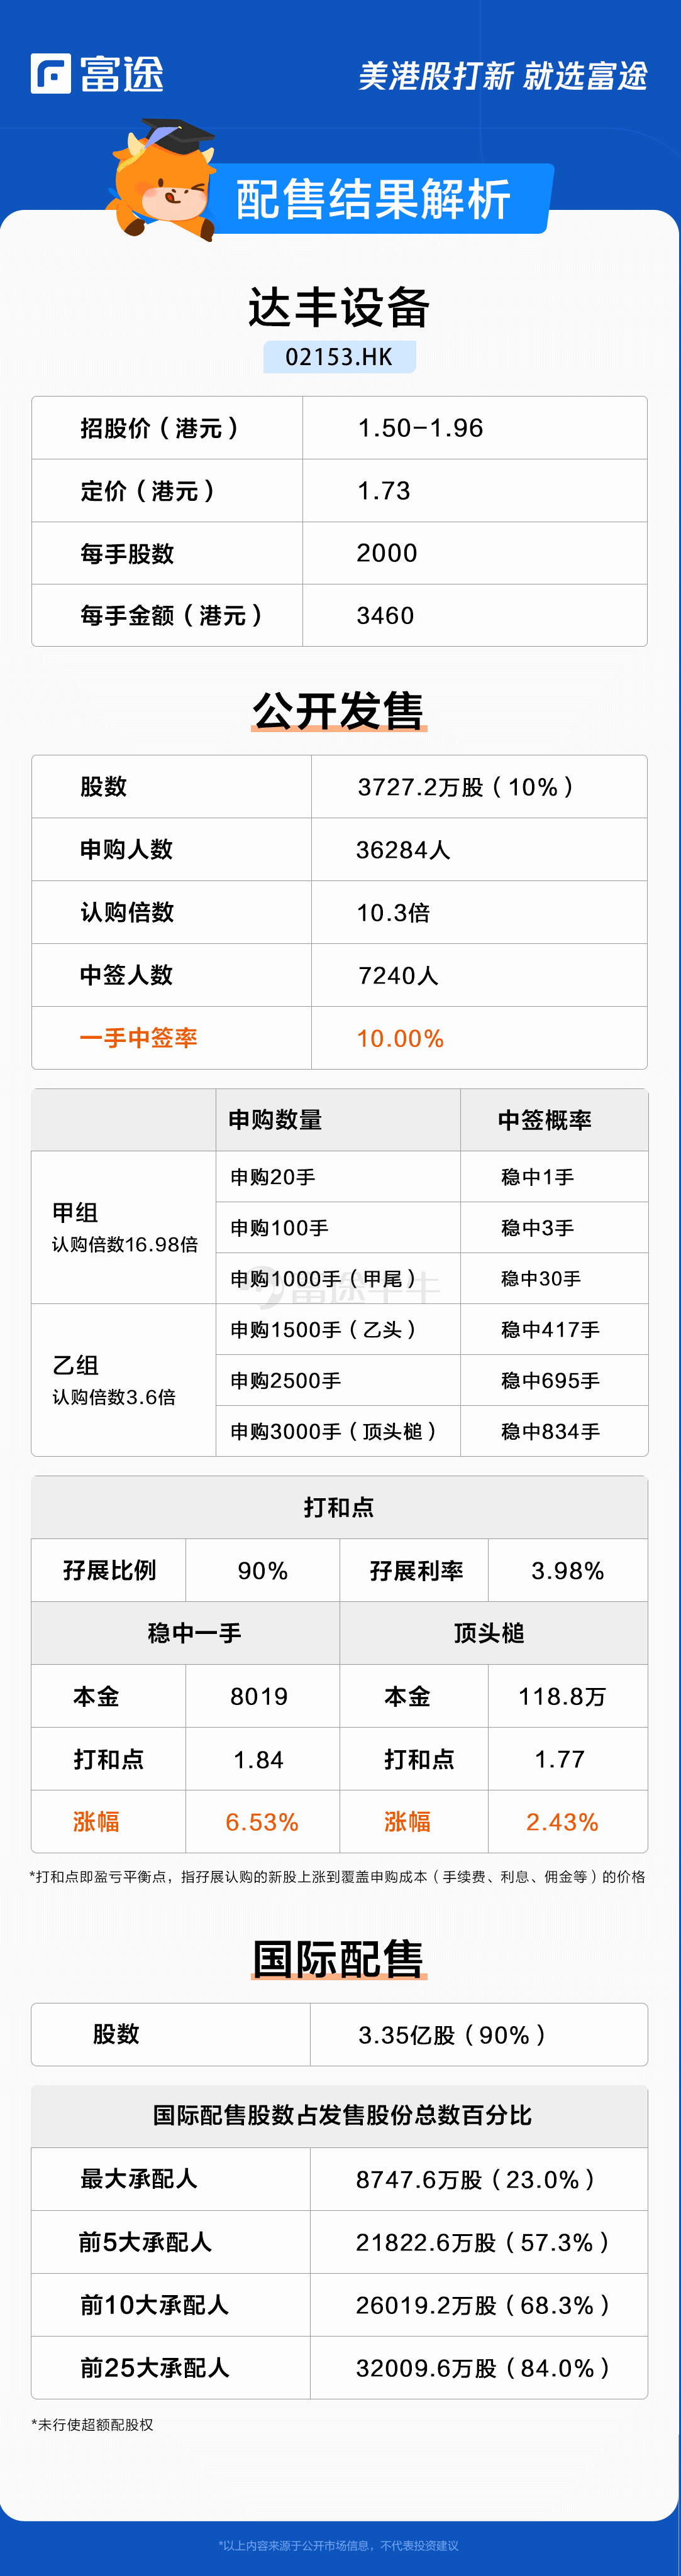 新股定价|大丰设备认购10.3倍,每股价格1.73港元